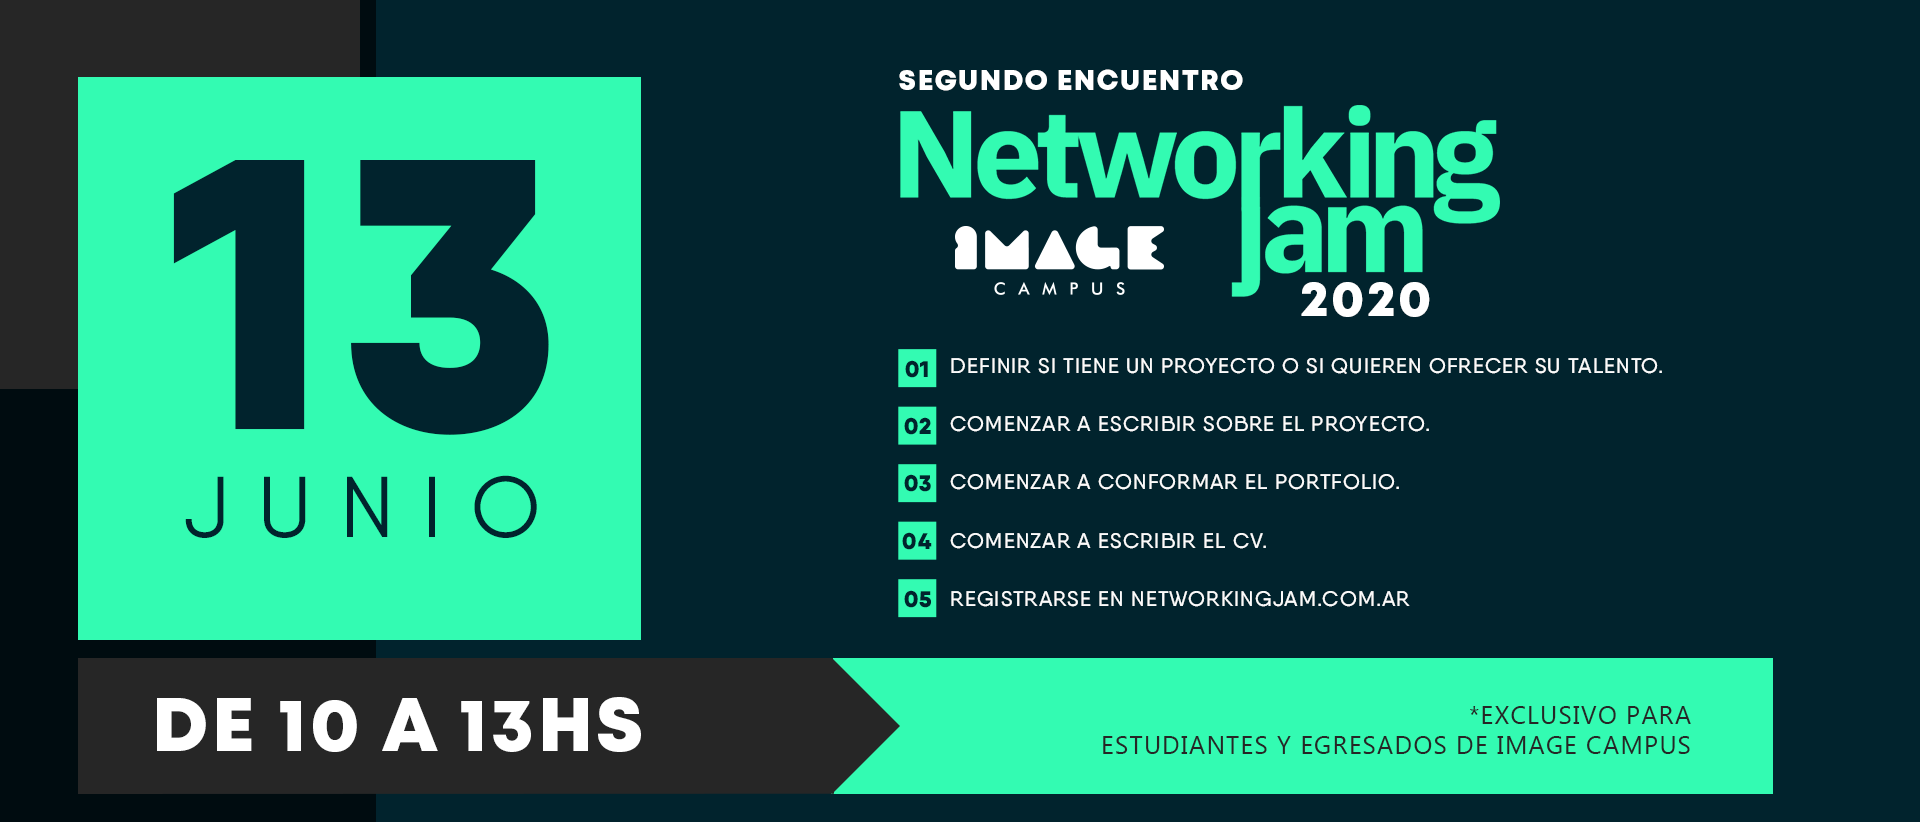 2e réunion Networking Jam 2020 - Campus Image